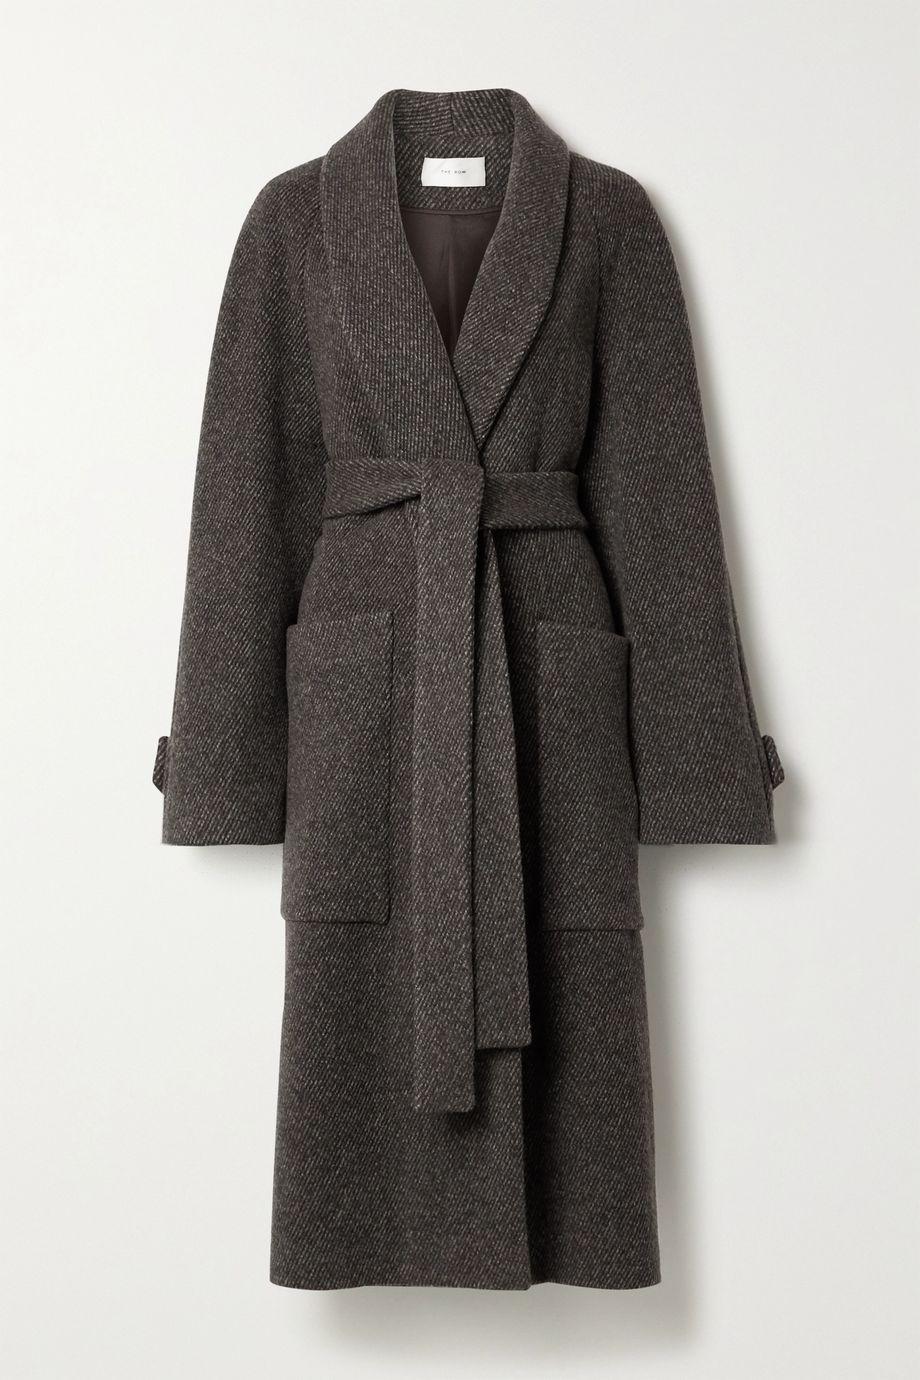 The Row Manteau en jacquard de laine à ceinture Fiera